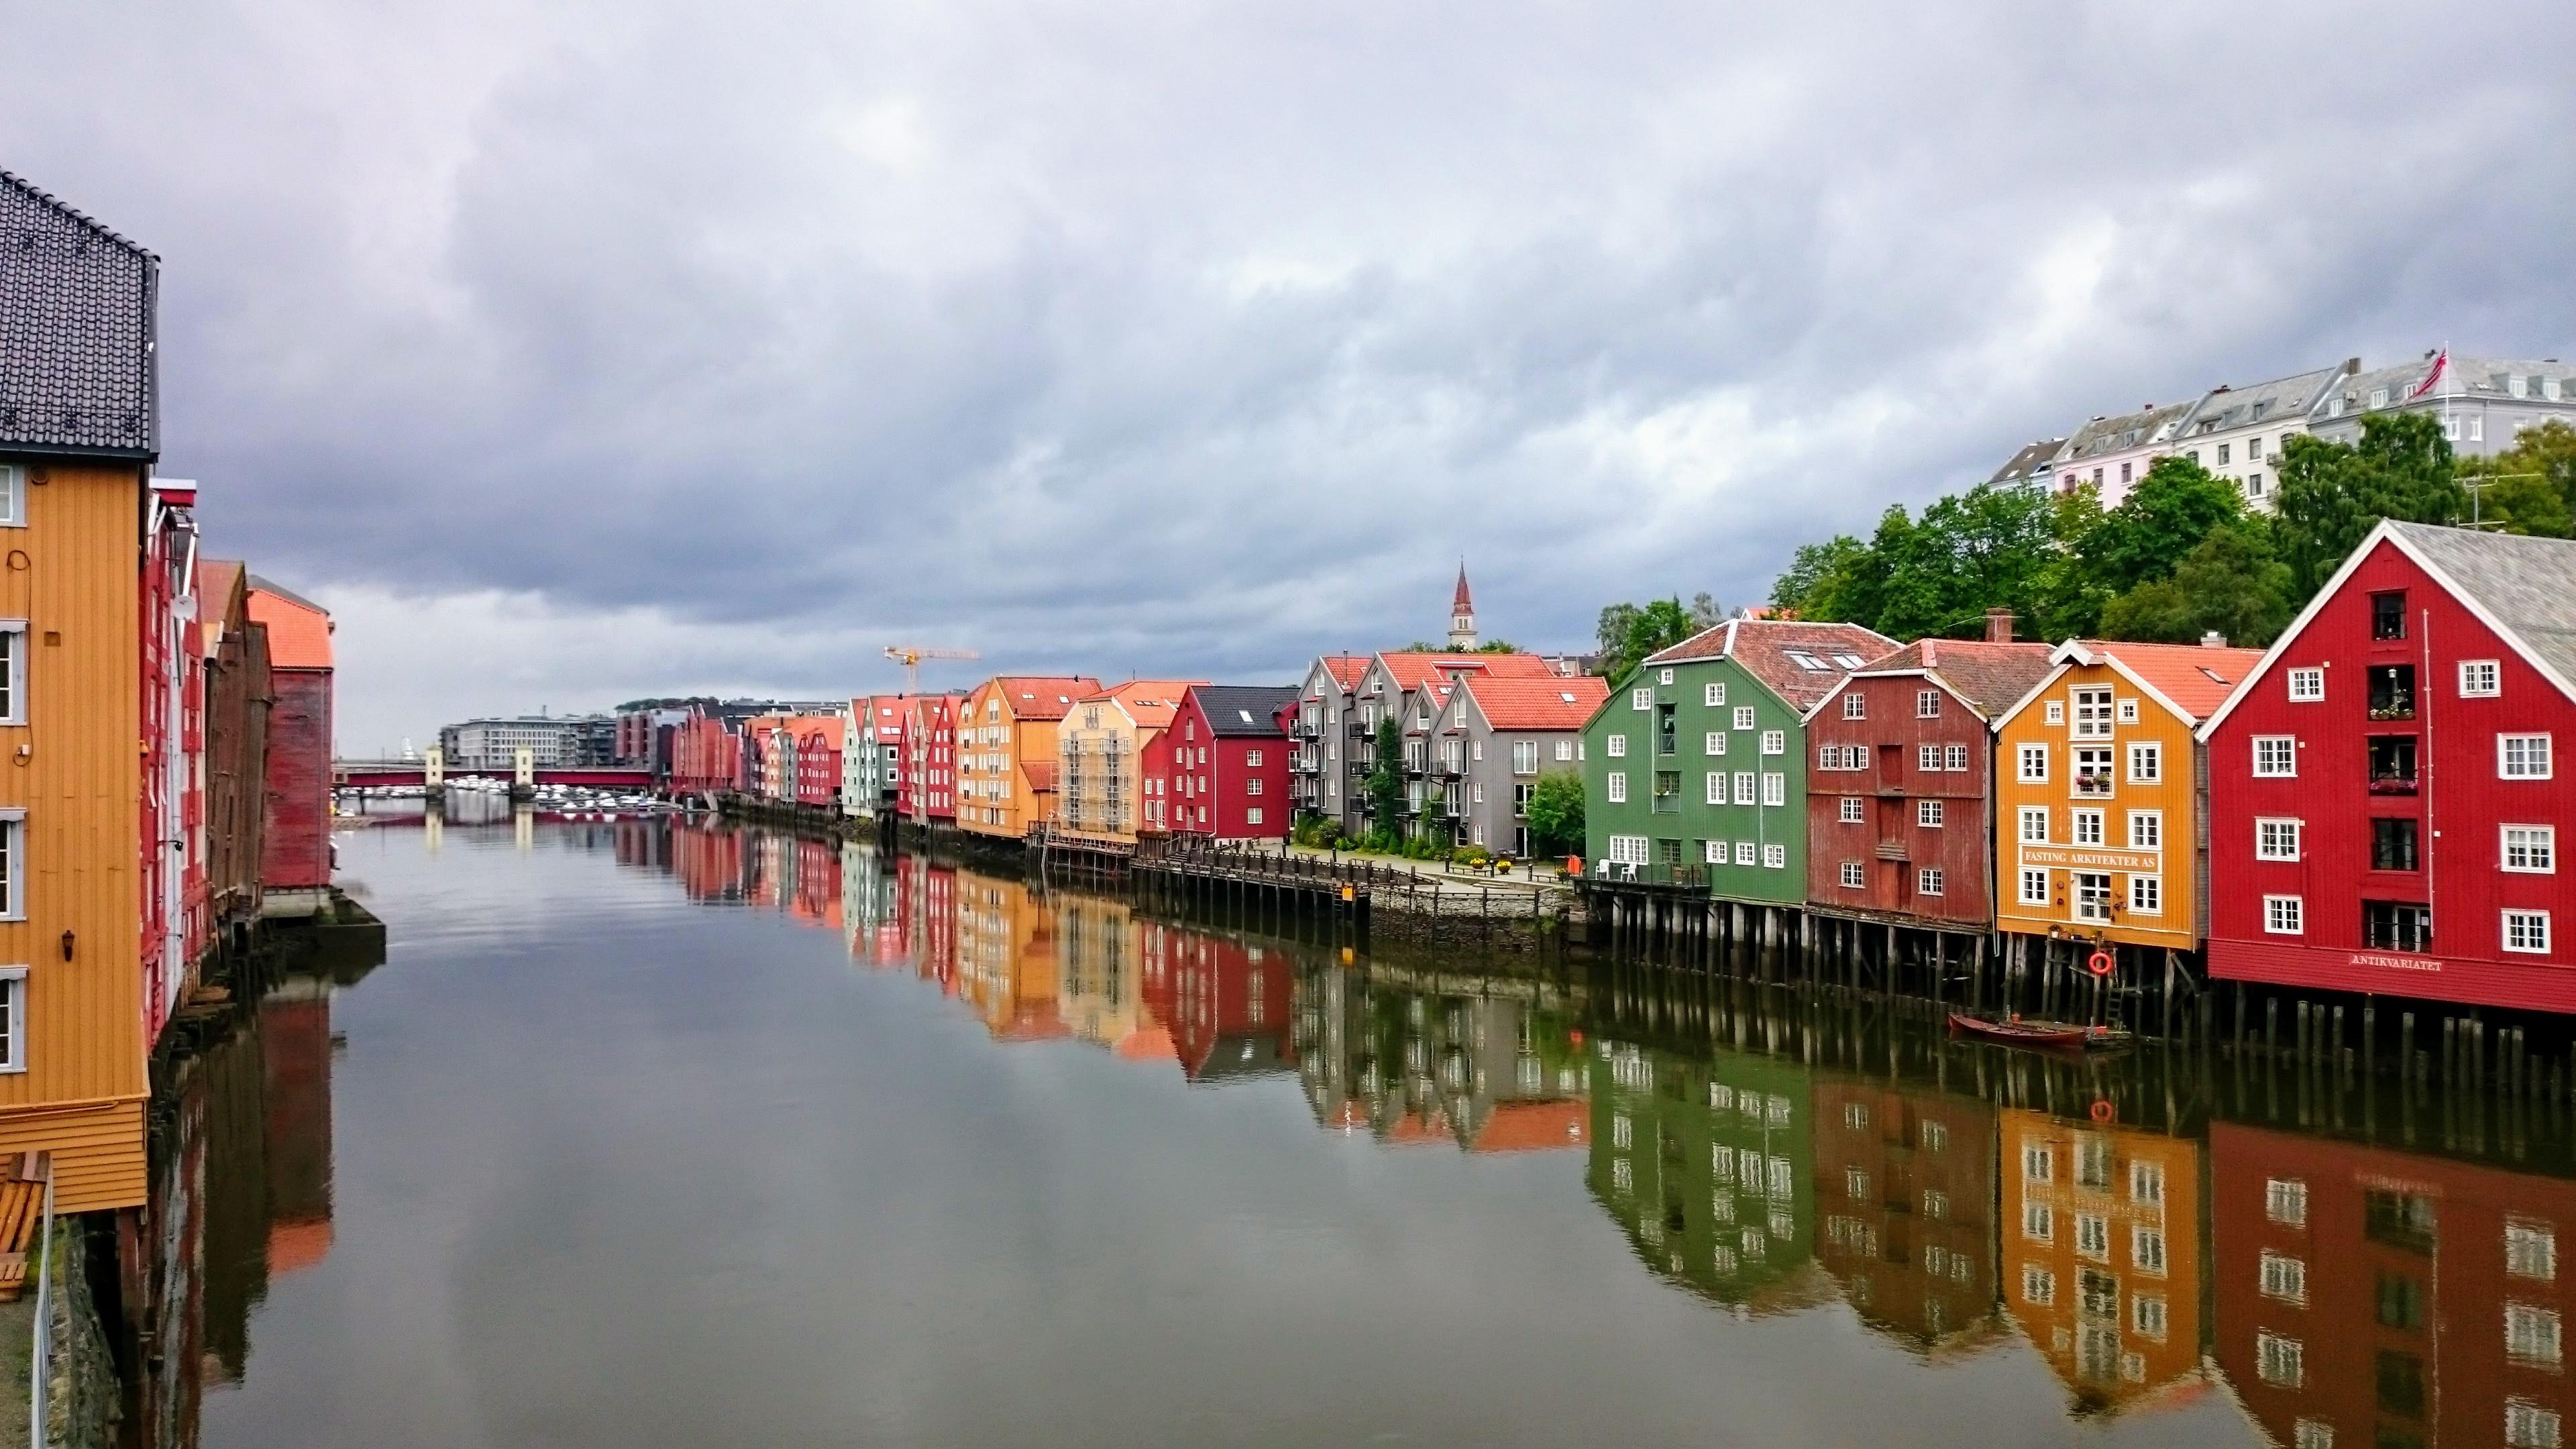 Domy na pilotech v Trondheimu